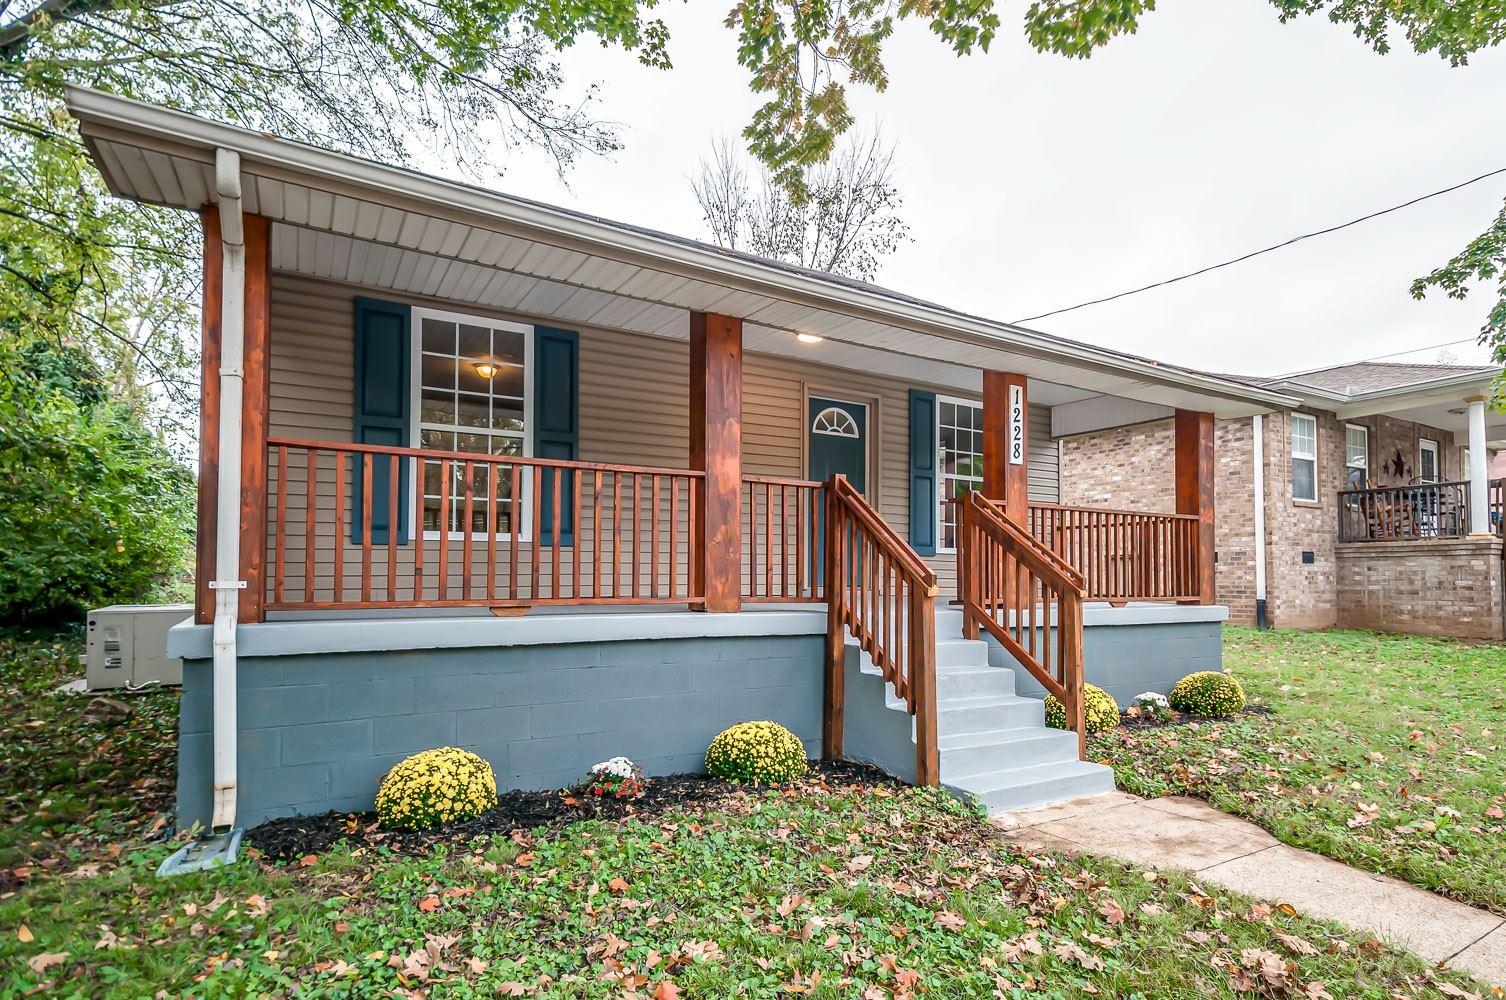 Photo of 1228 Joseph Ave, Nashville, TN 37207 (MLS # 2202325)